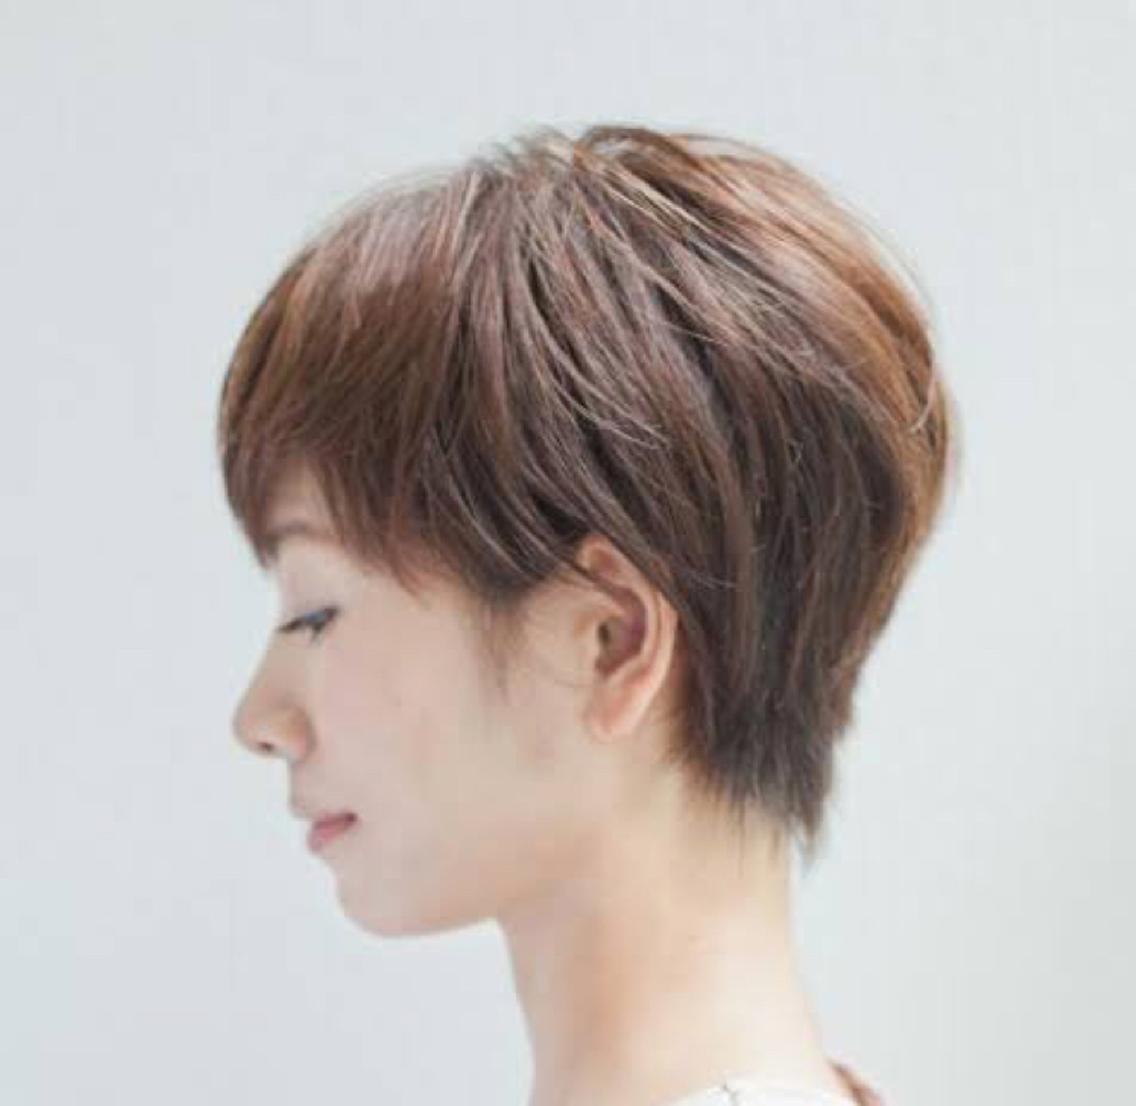 無料!8月24日ショートボブモデル、前髪矯正モデルさん探してます!